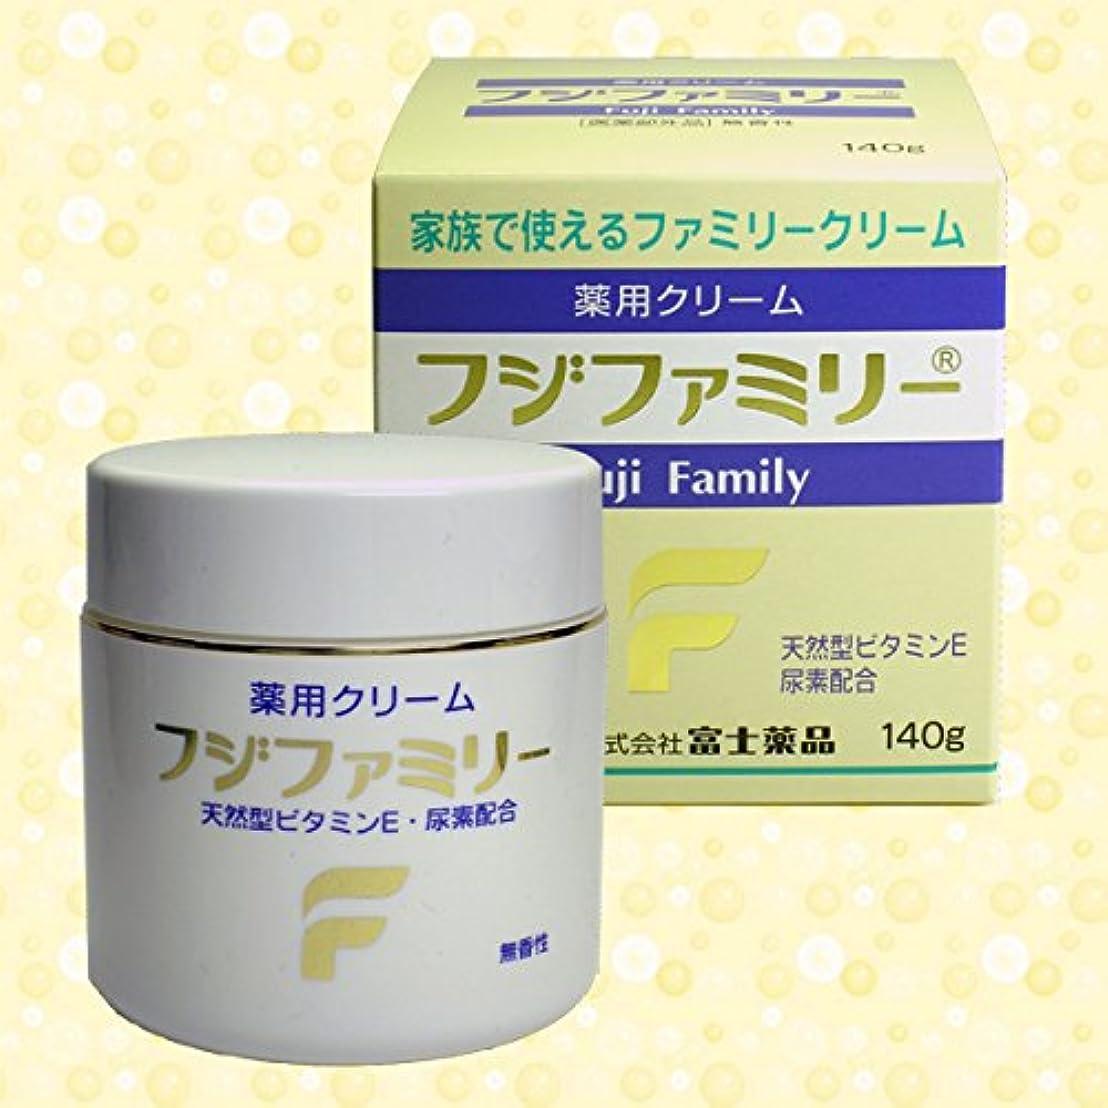 扱う受け取る高速道路富士薬品 増量 薬用クリームフジファミリー140g 医薬部外品